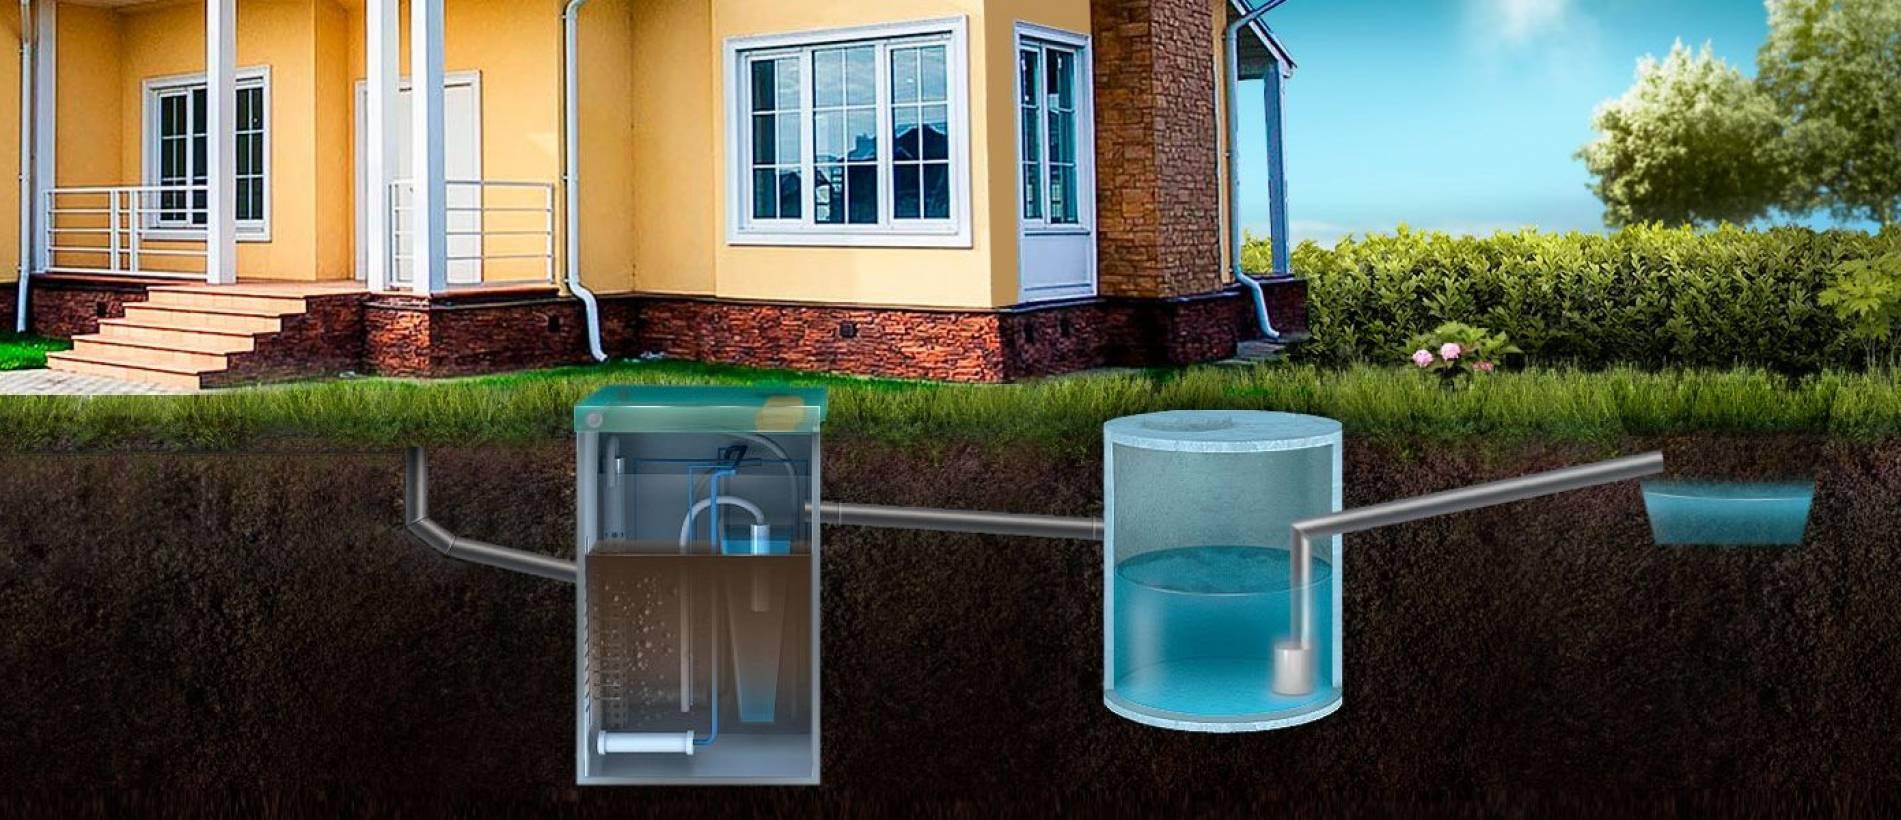 Принцип работы септика без откачки для дачи или частного дома